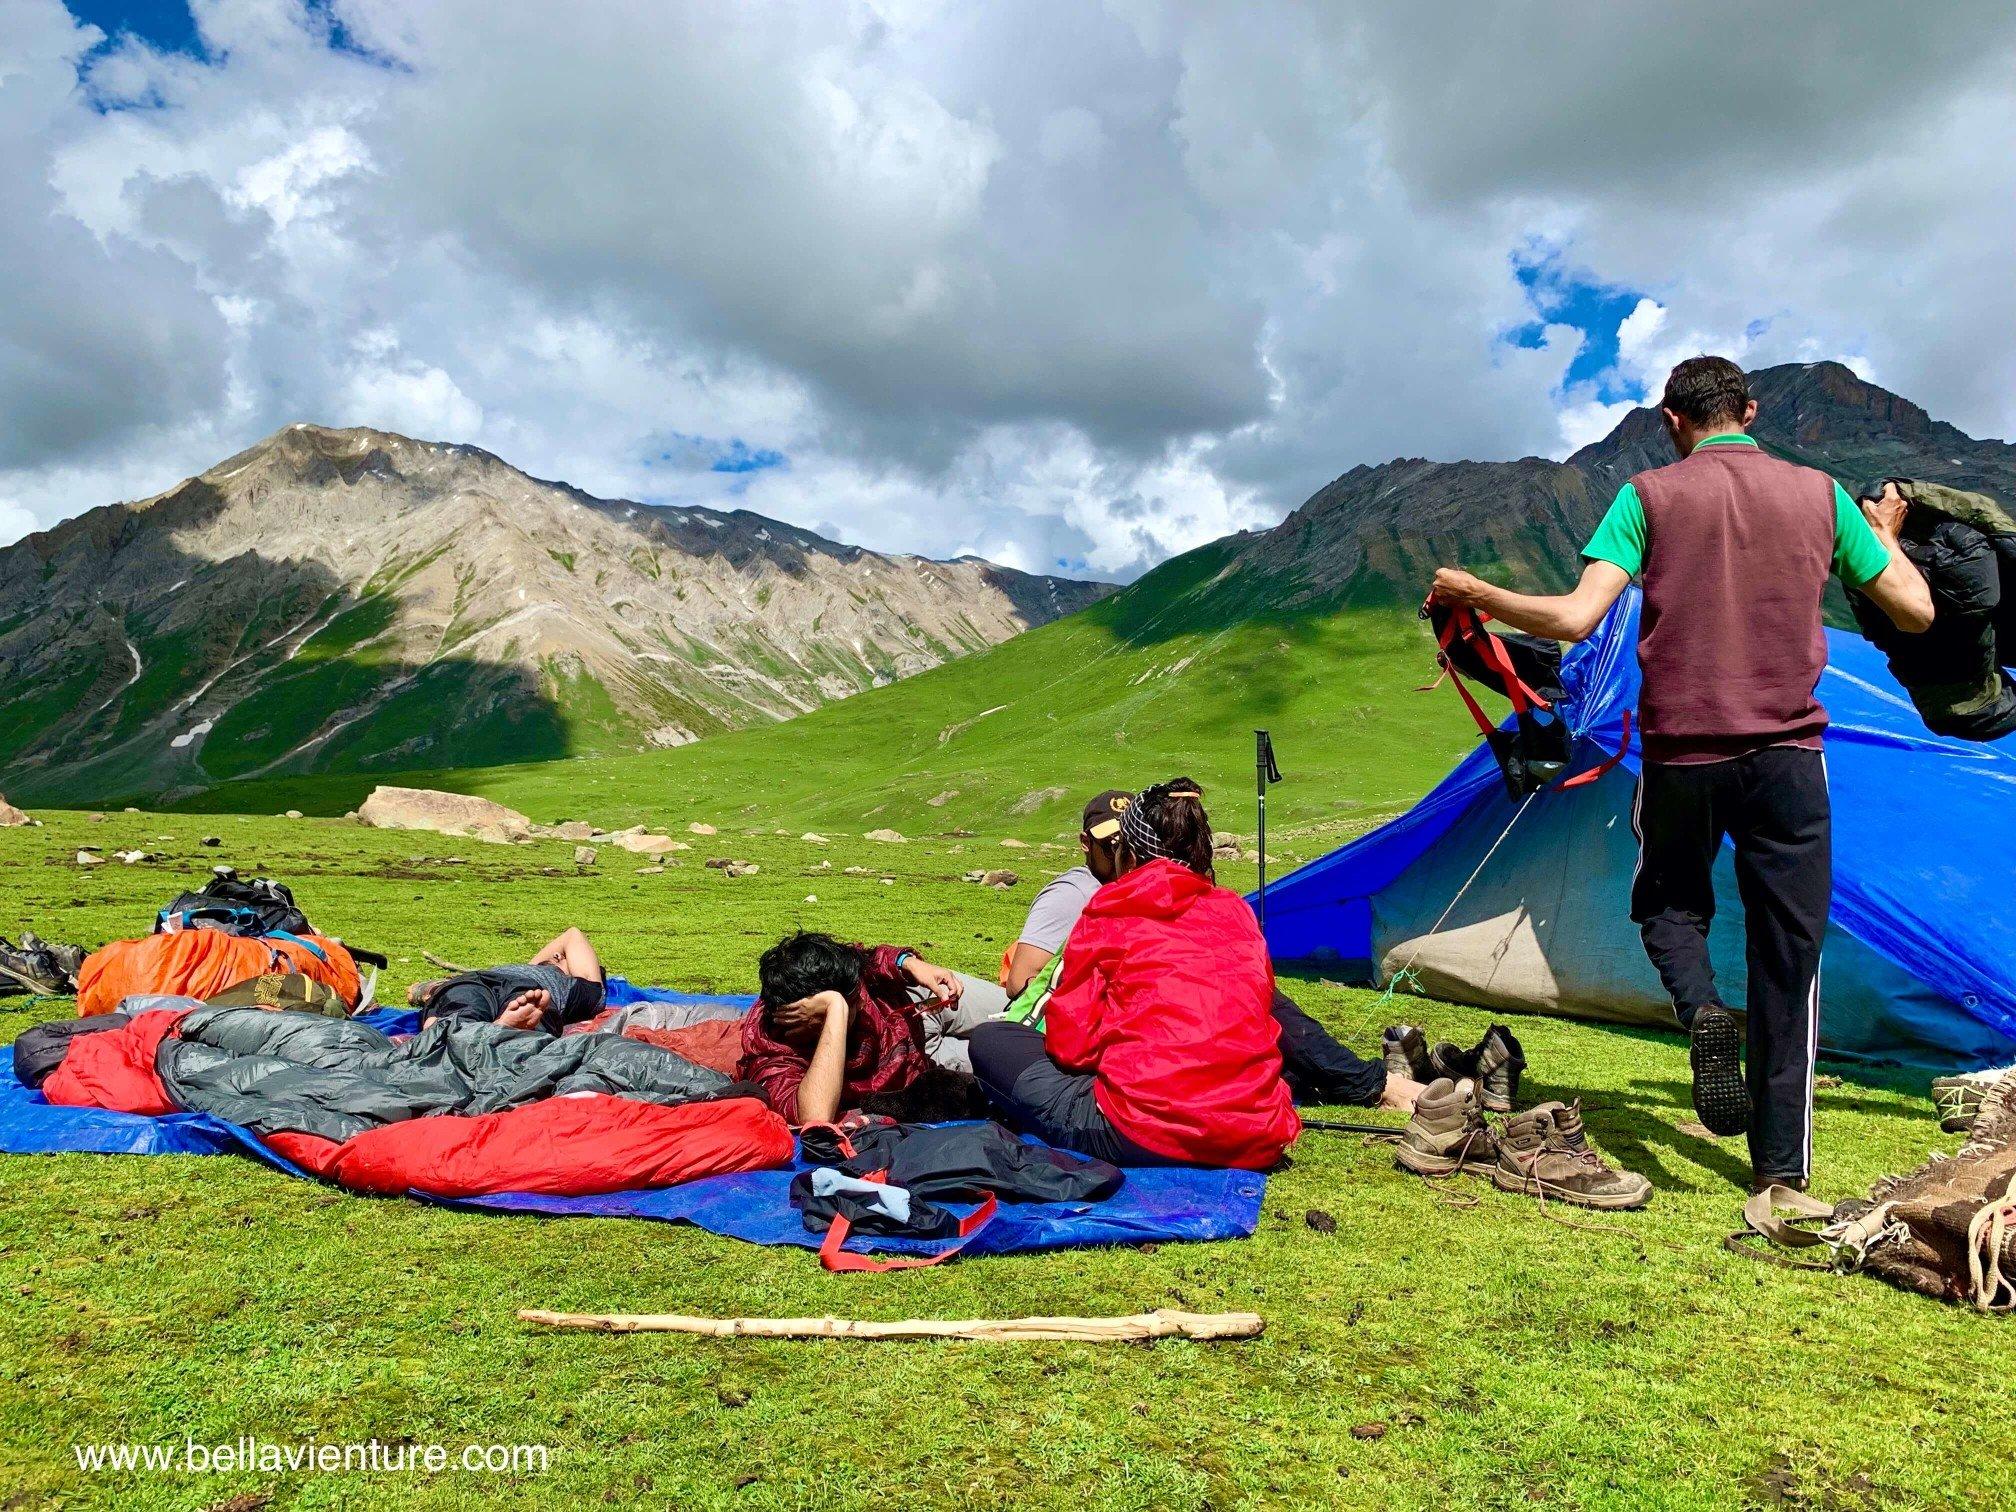 印度 India 北北印 North India 喀什米爾  Kashmir 八天七夜 健行 日光浴